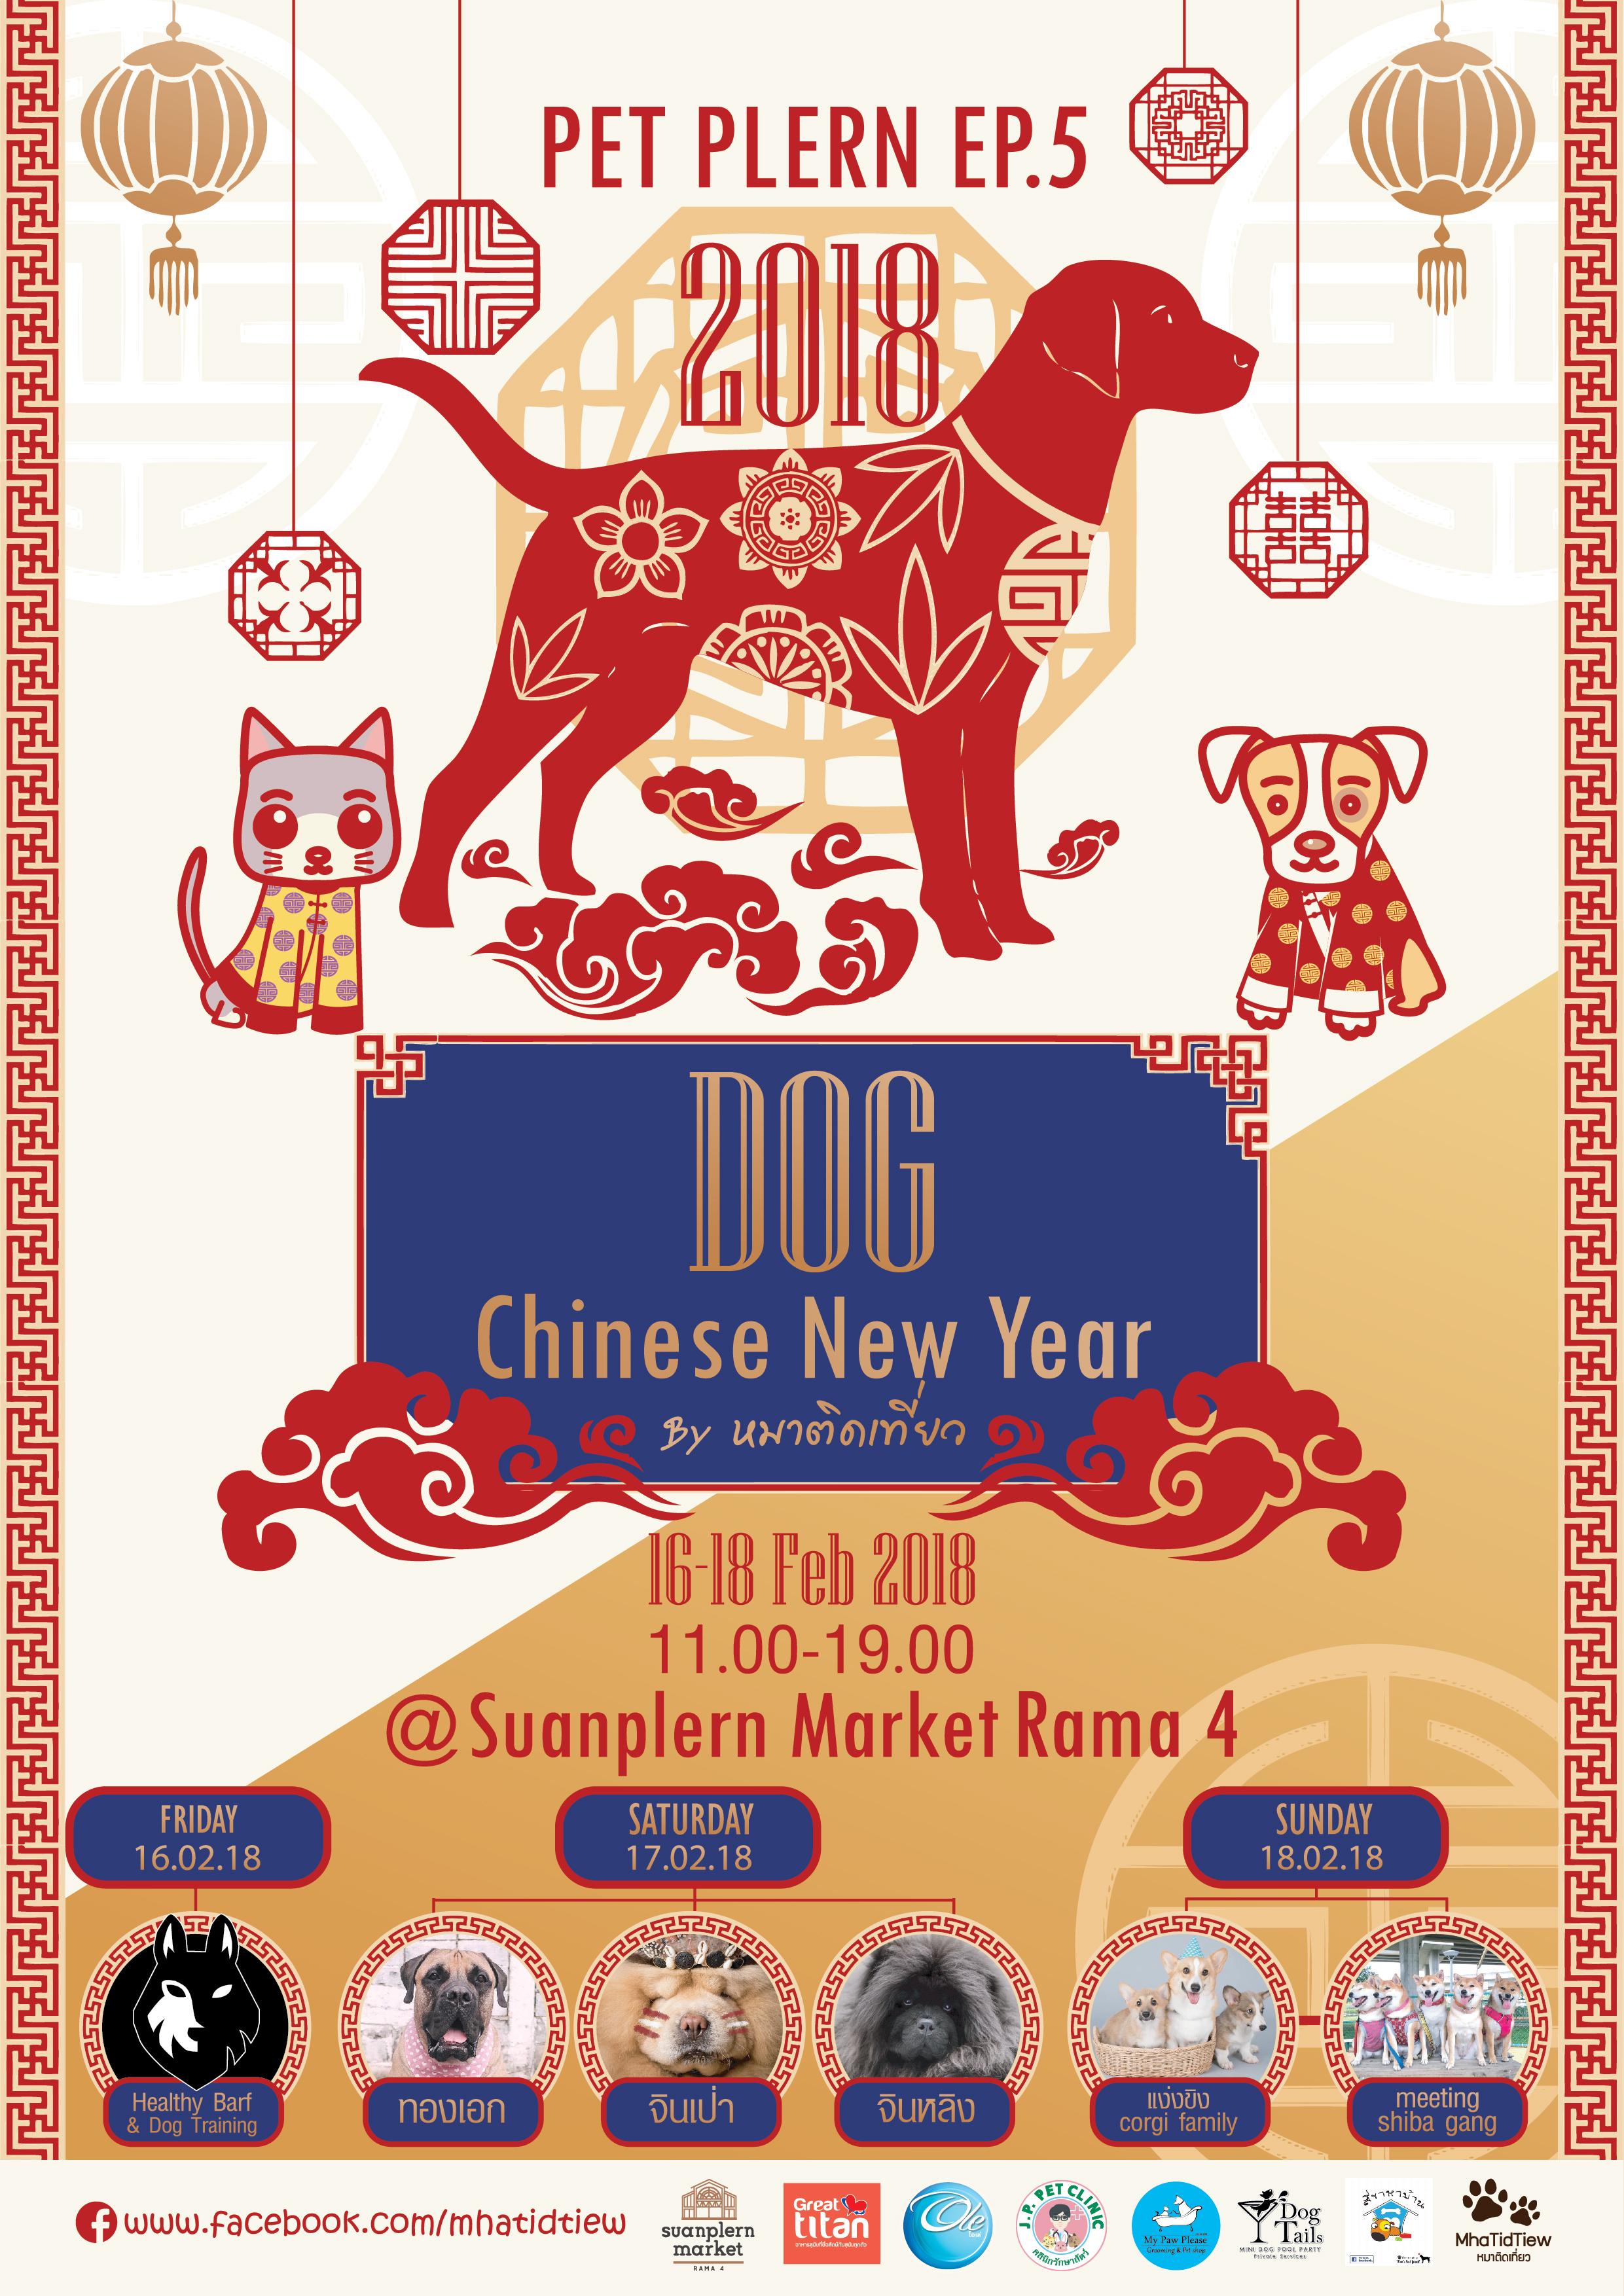 『Pet Plern EP.5 Dog Chinese New Year 』@SUANPLERN MARKET RAMA4